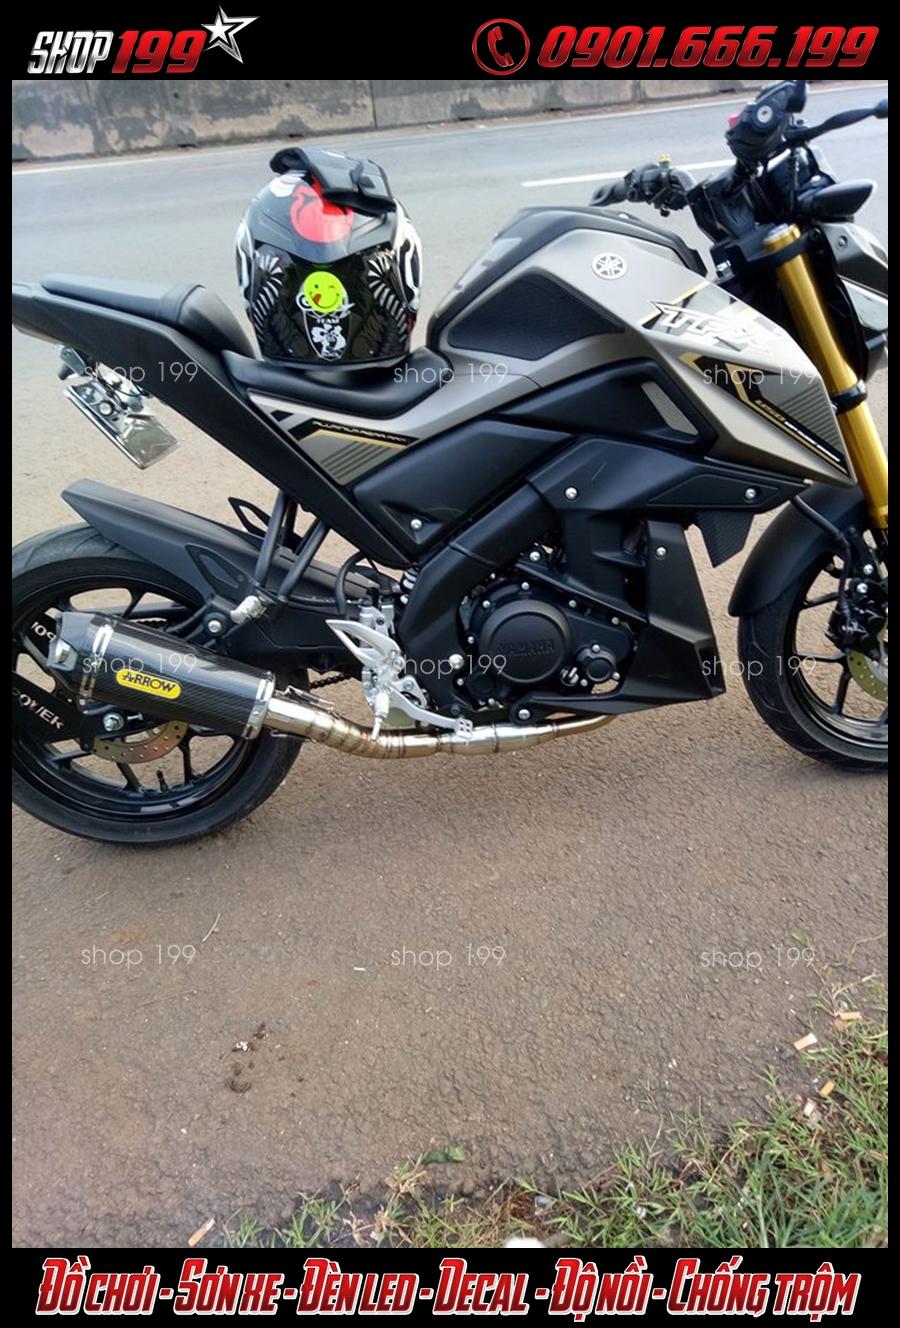 Hình ảnh Yamaha TFX 150i độ pô arrow màu carbon độ đẹp và chất